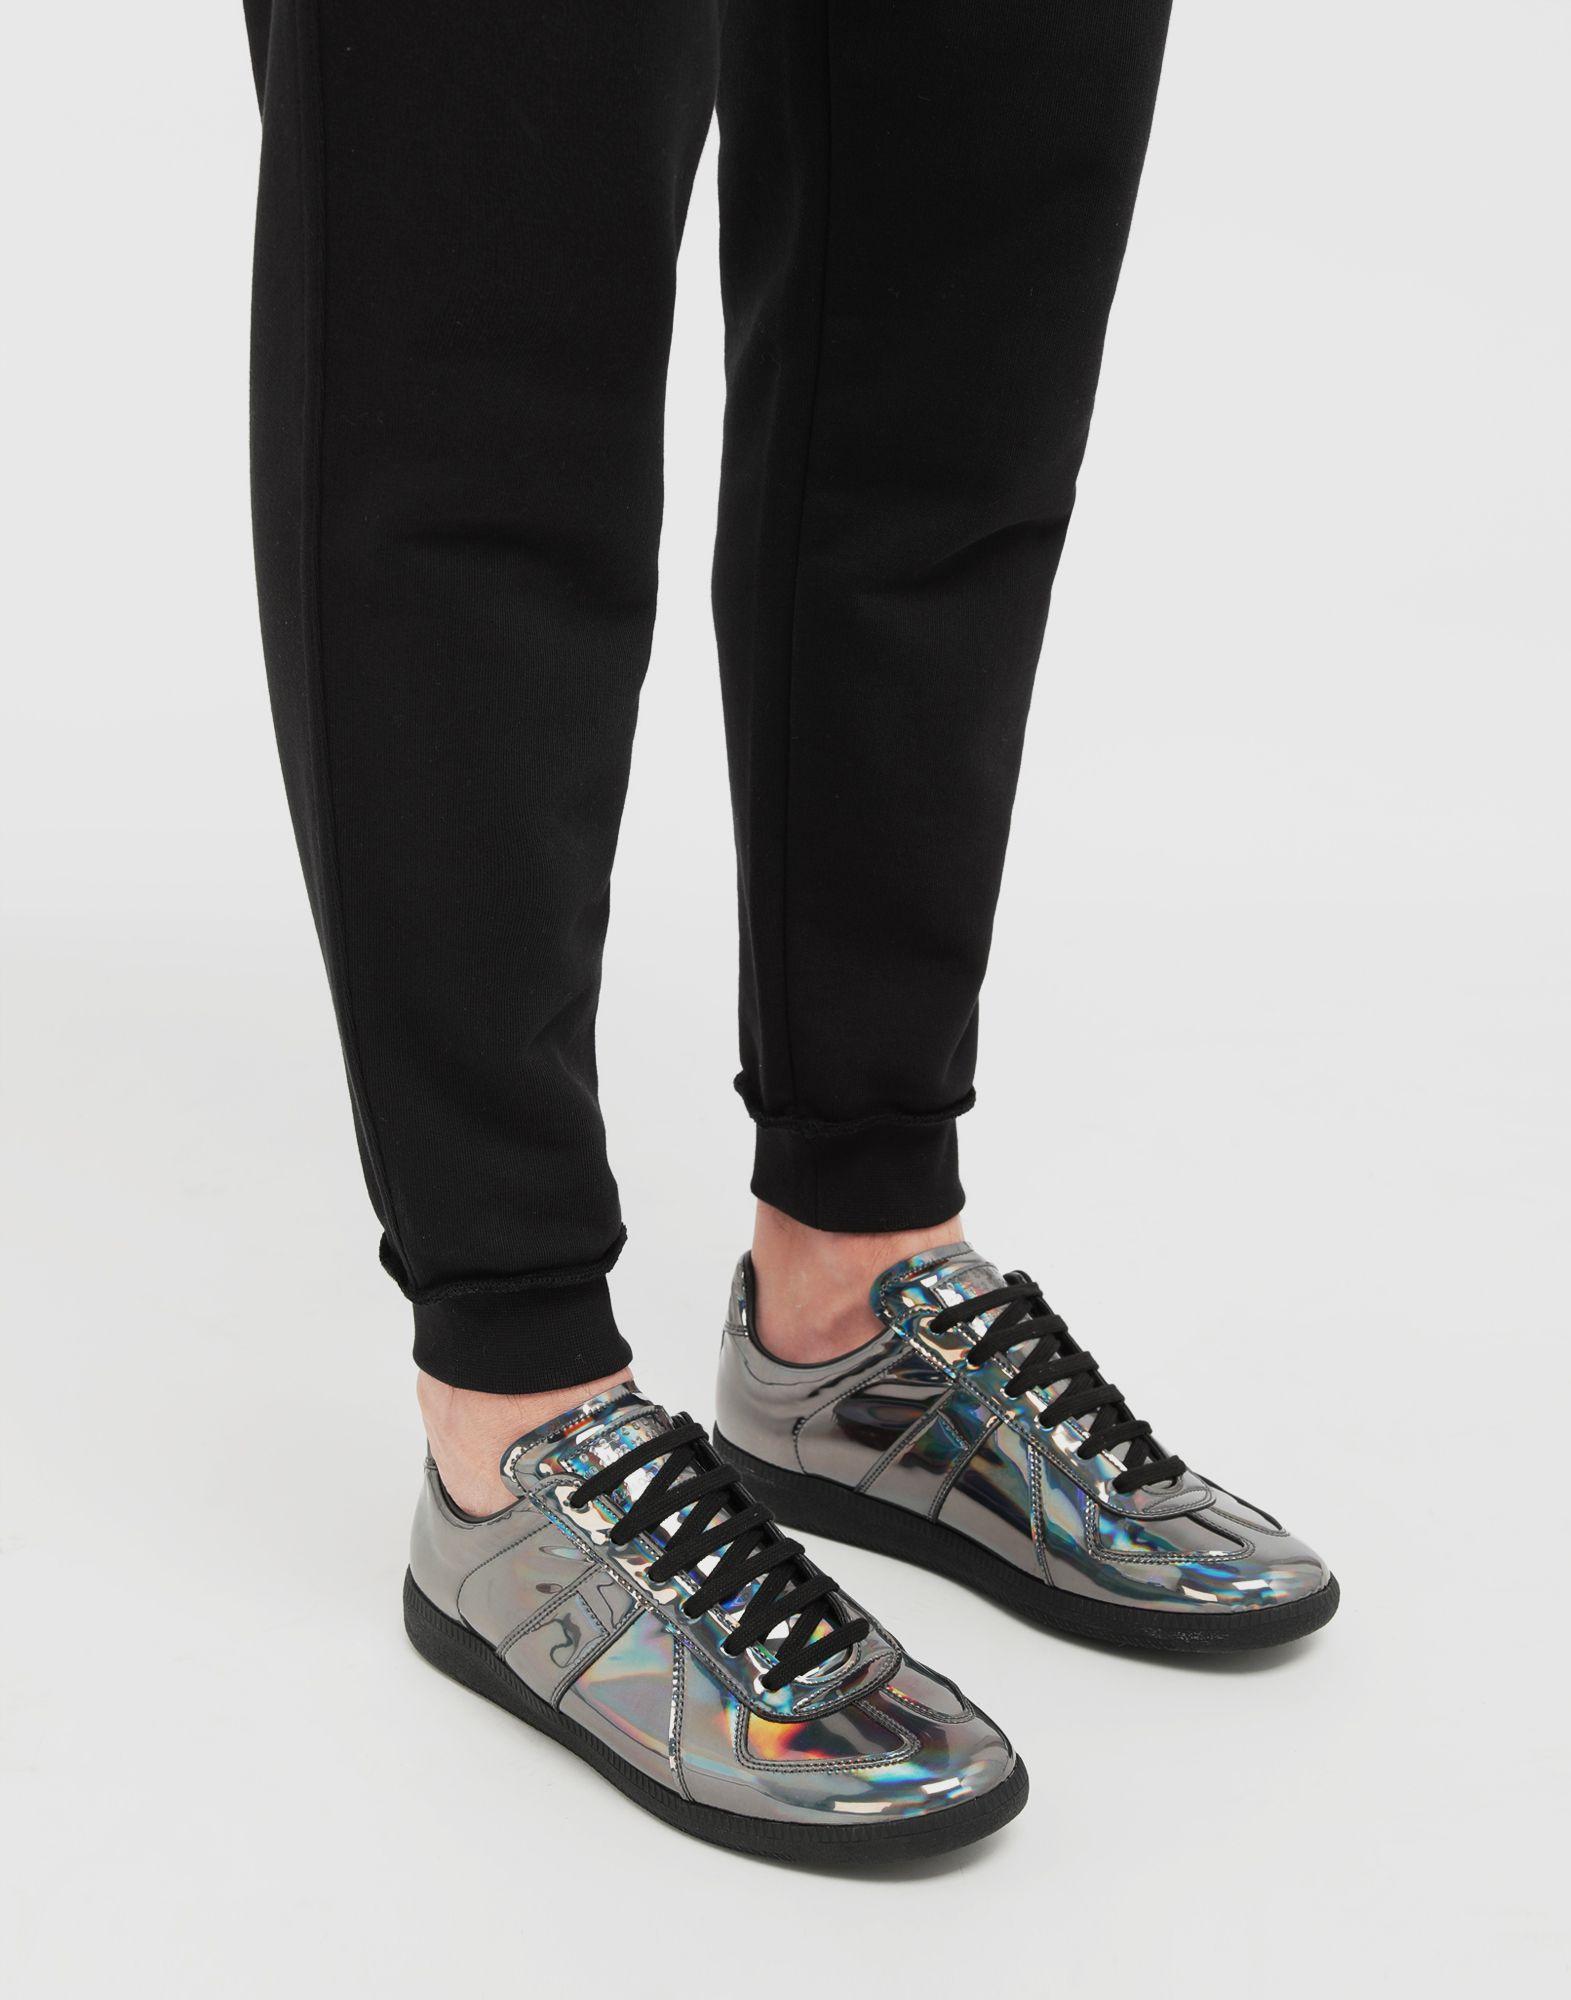 MAISON MARGIELA Replica low top hologram sneakers Sneakers Man b